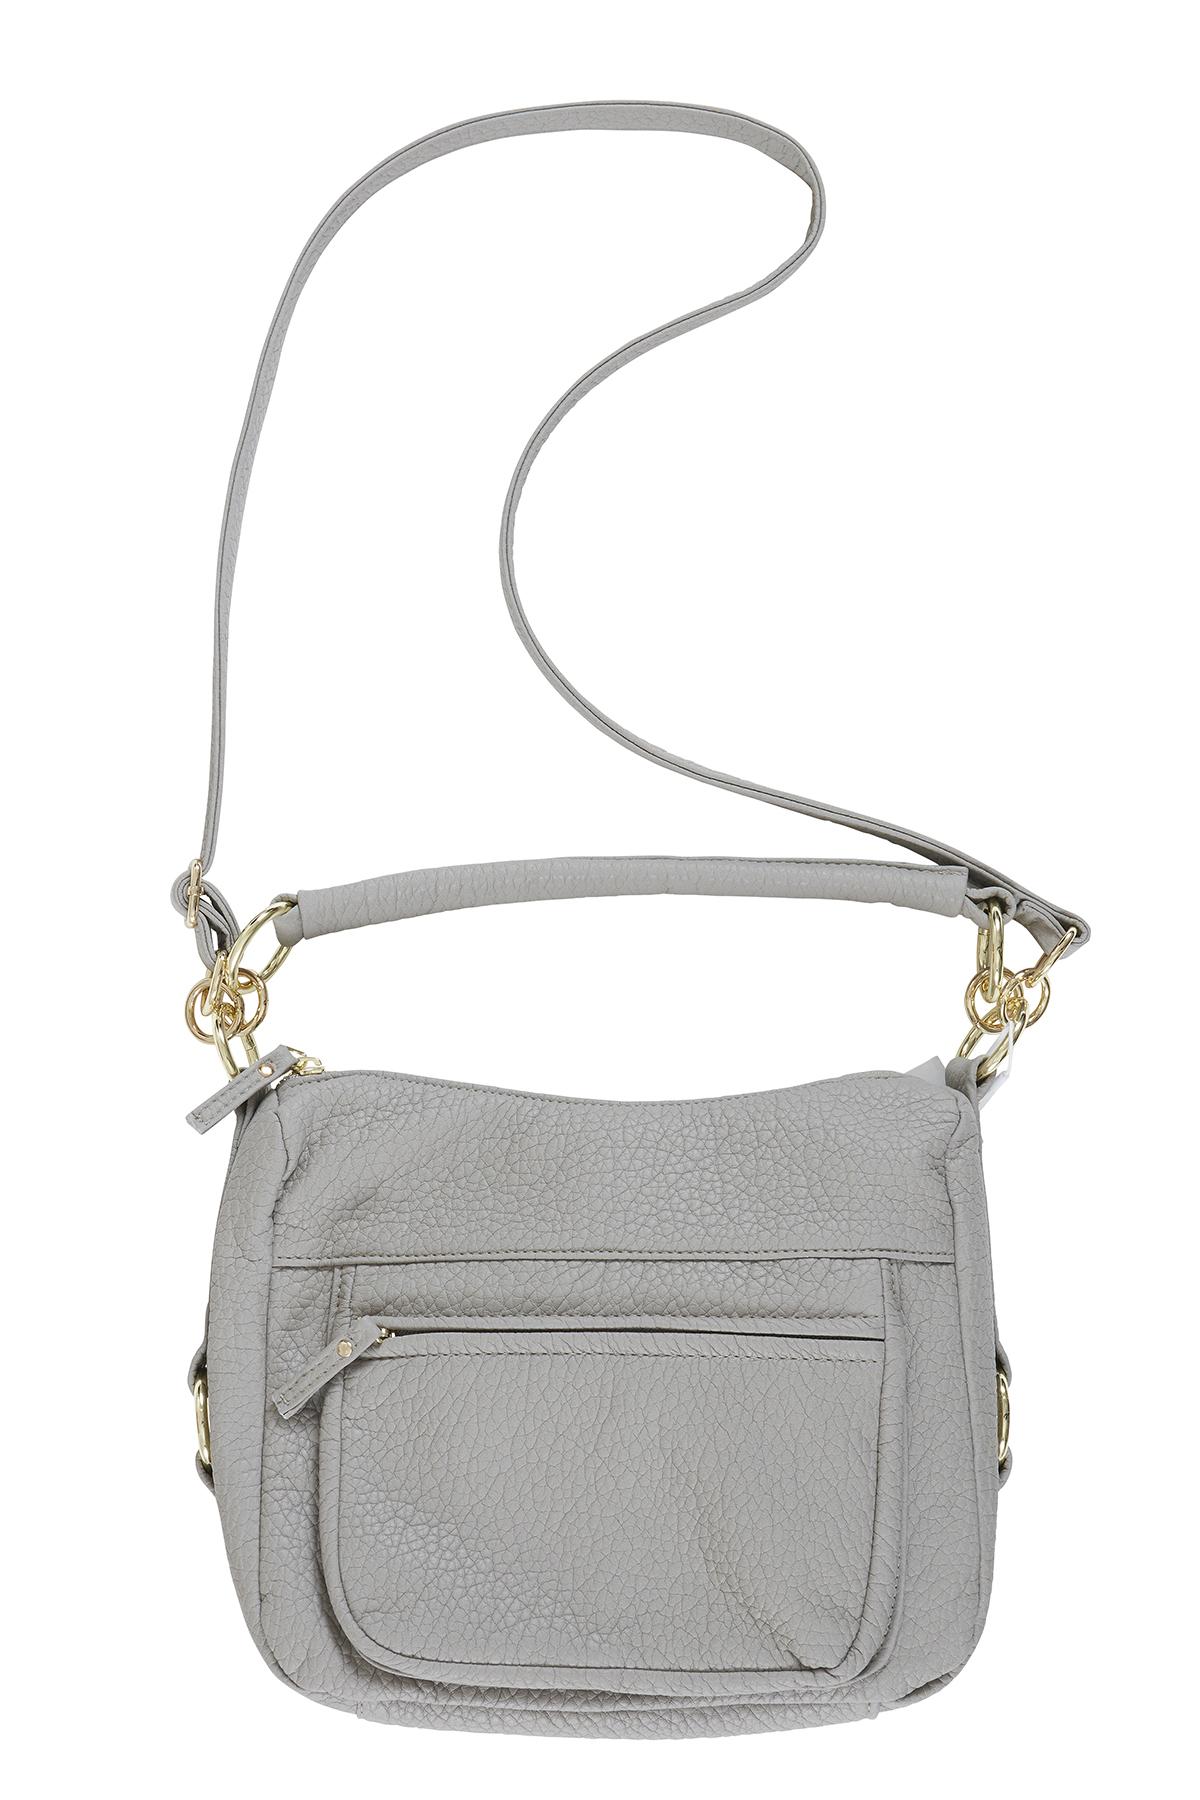 Image of   Ichi - accessories Dame Taske - Grå